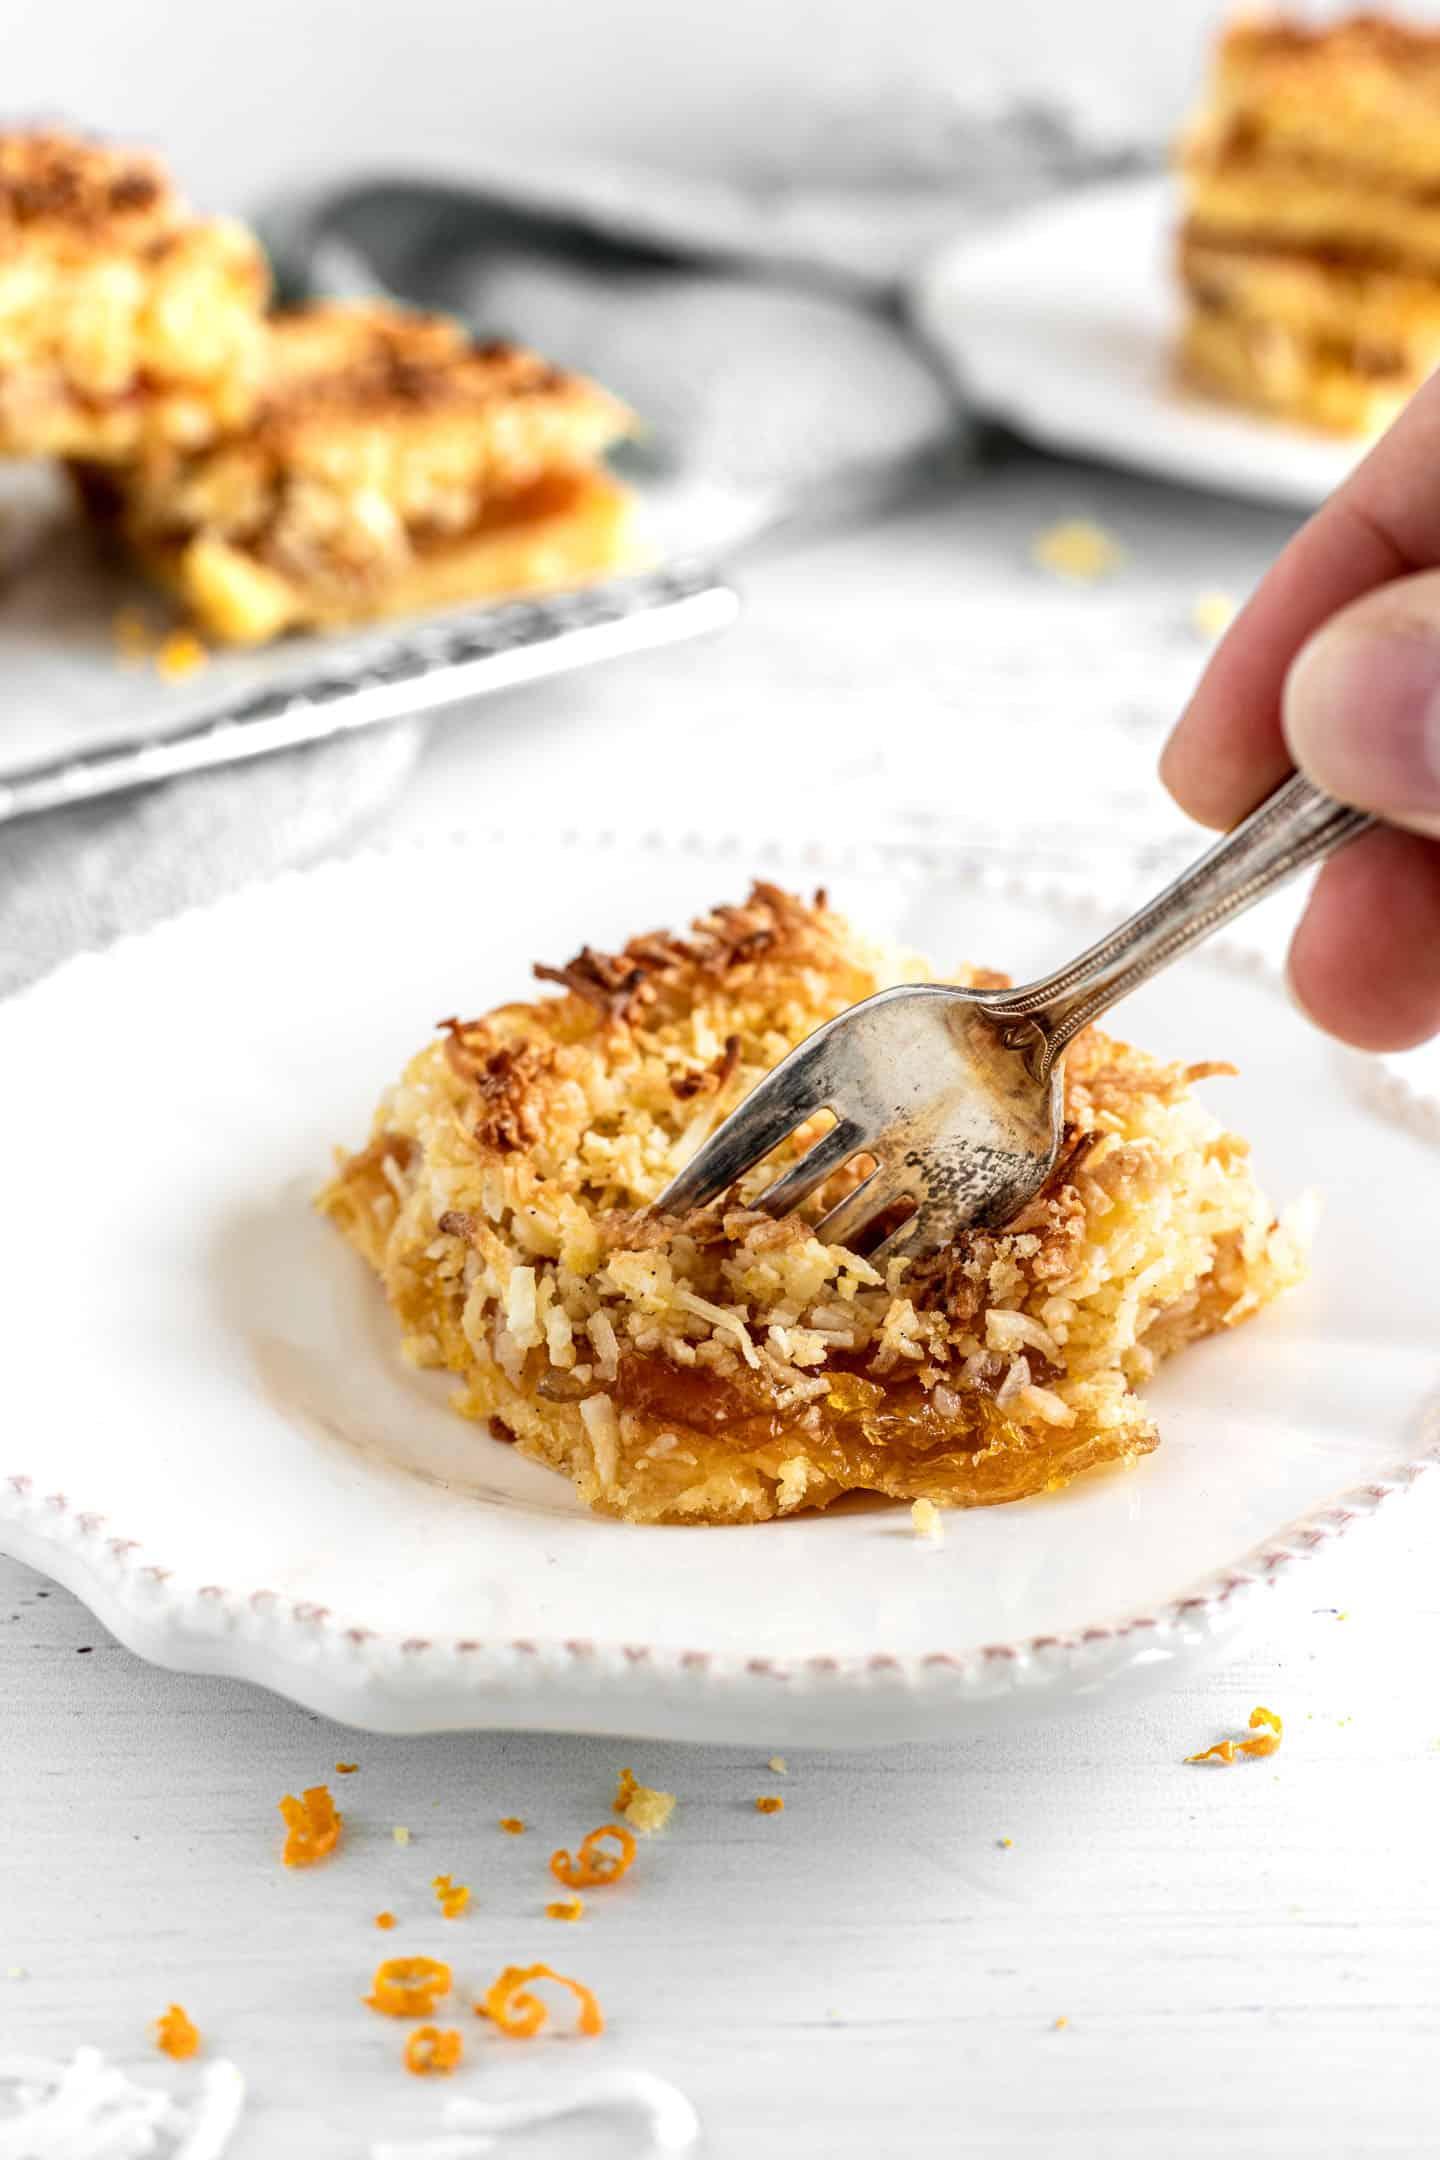 Tenedor cortando un pedazo de un cuadrado de tarta sobre un plato blanco, con una rejilla rectangular por detrás y más tarta por encima.